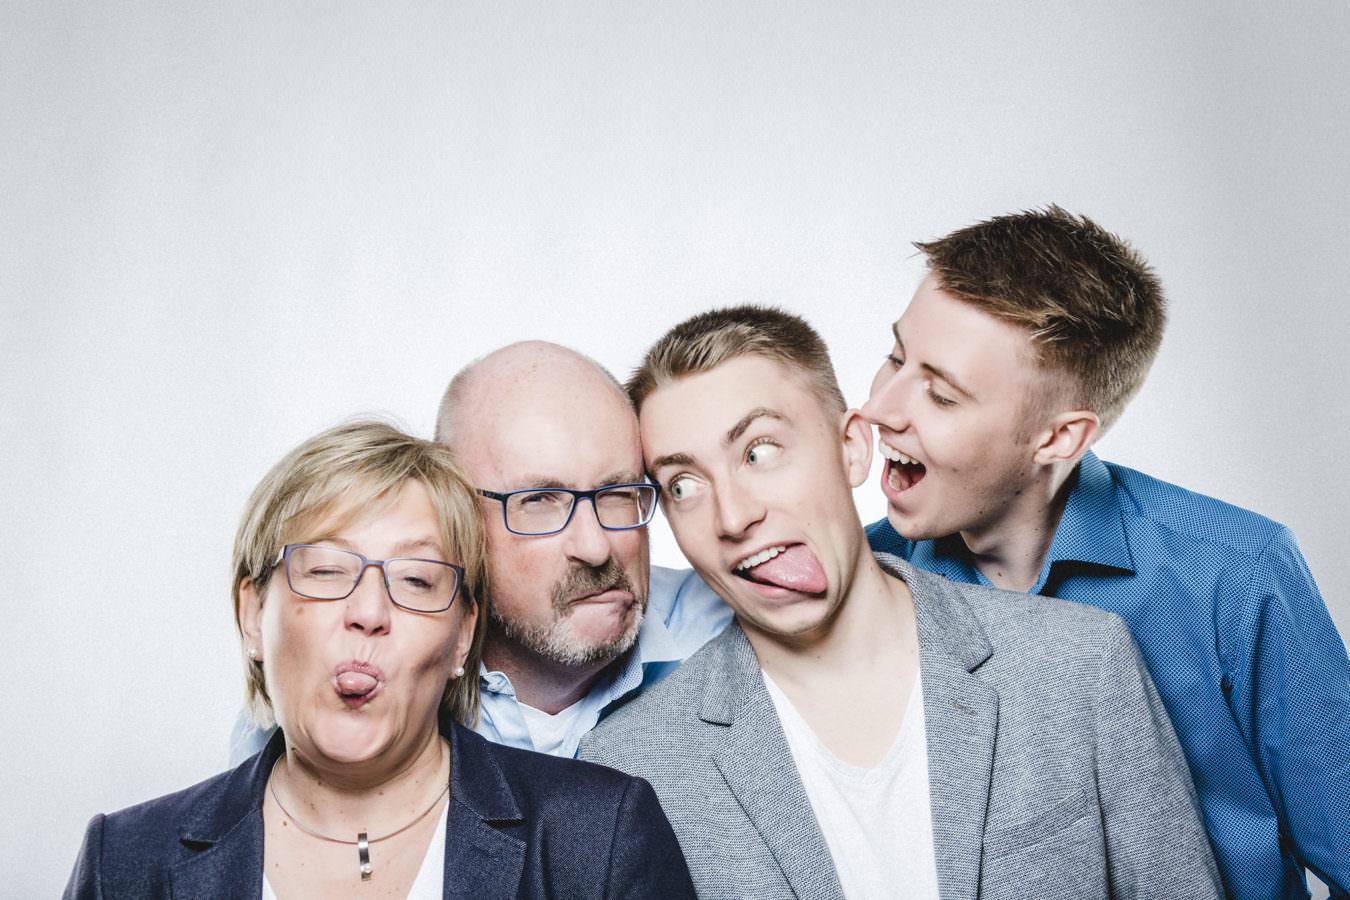 Ein vier Personen Familien Fotoshooting, die im Studio Grimassen schneiden